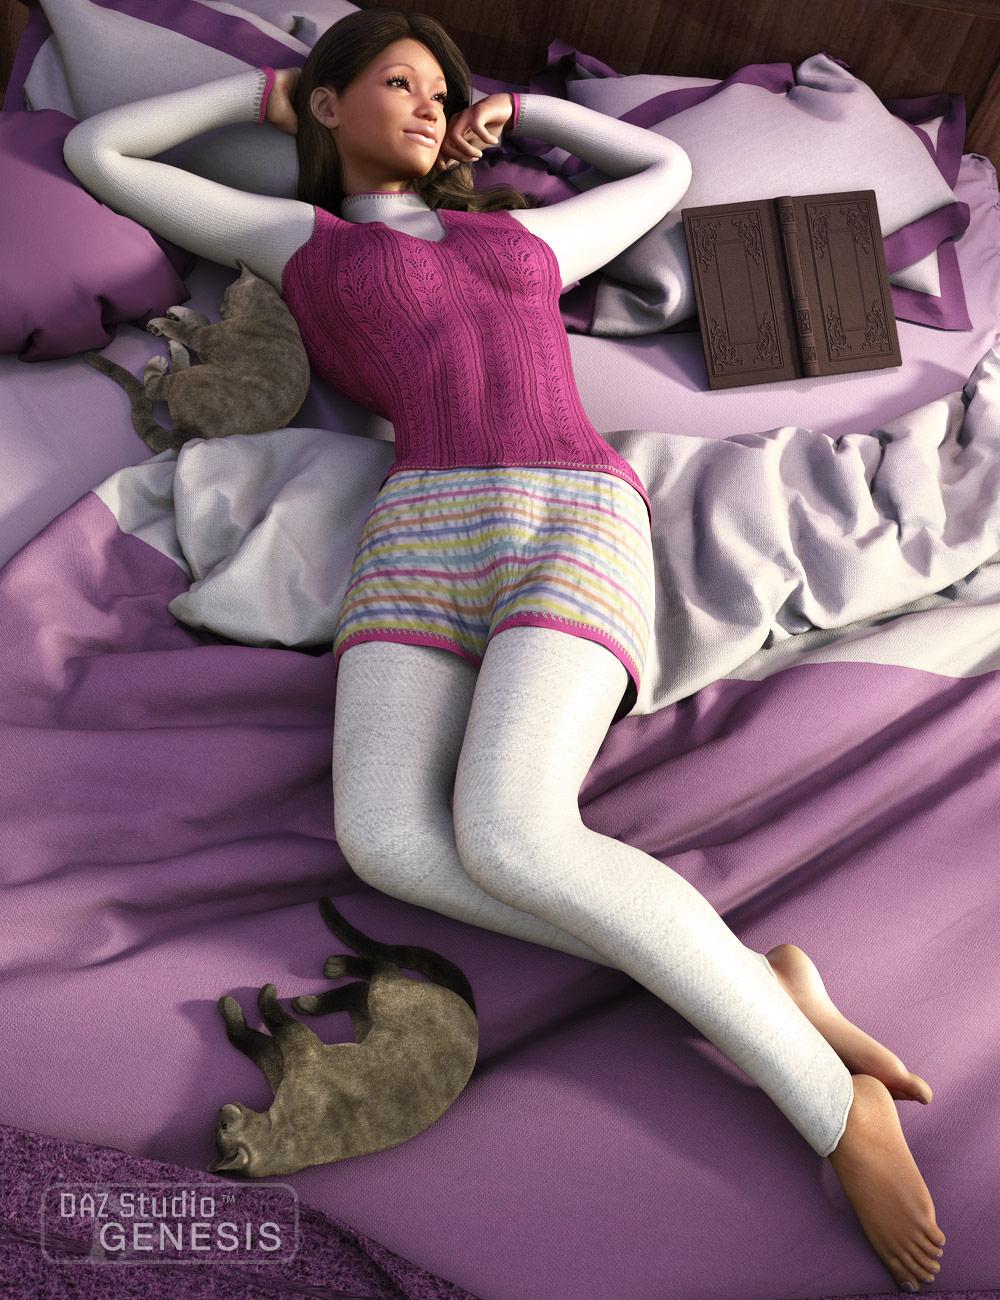 Lazy Sunday by: Barbara BrundonSarsa, 3D Models by Daz 3D